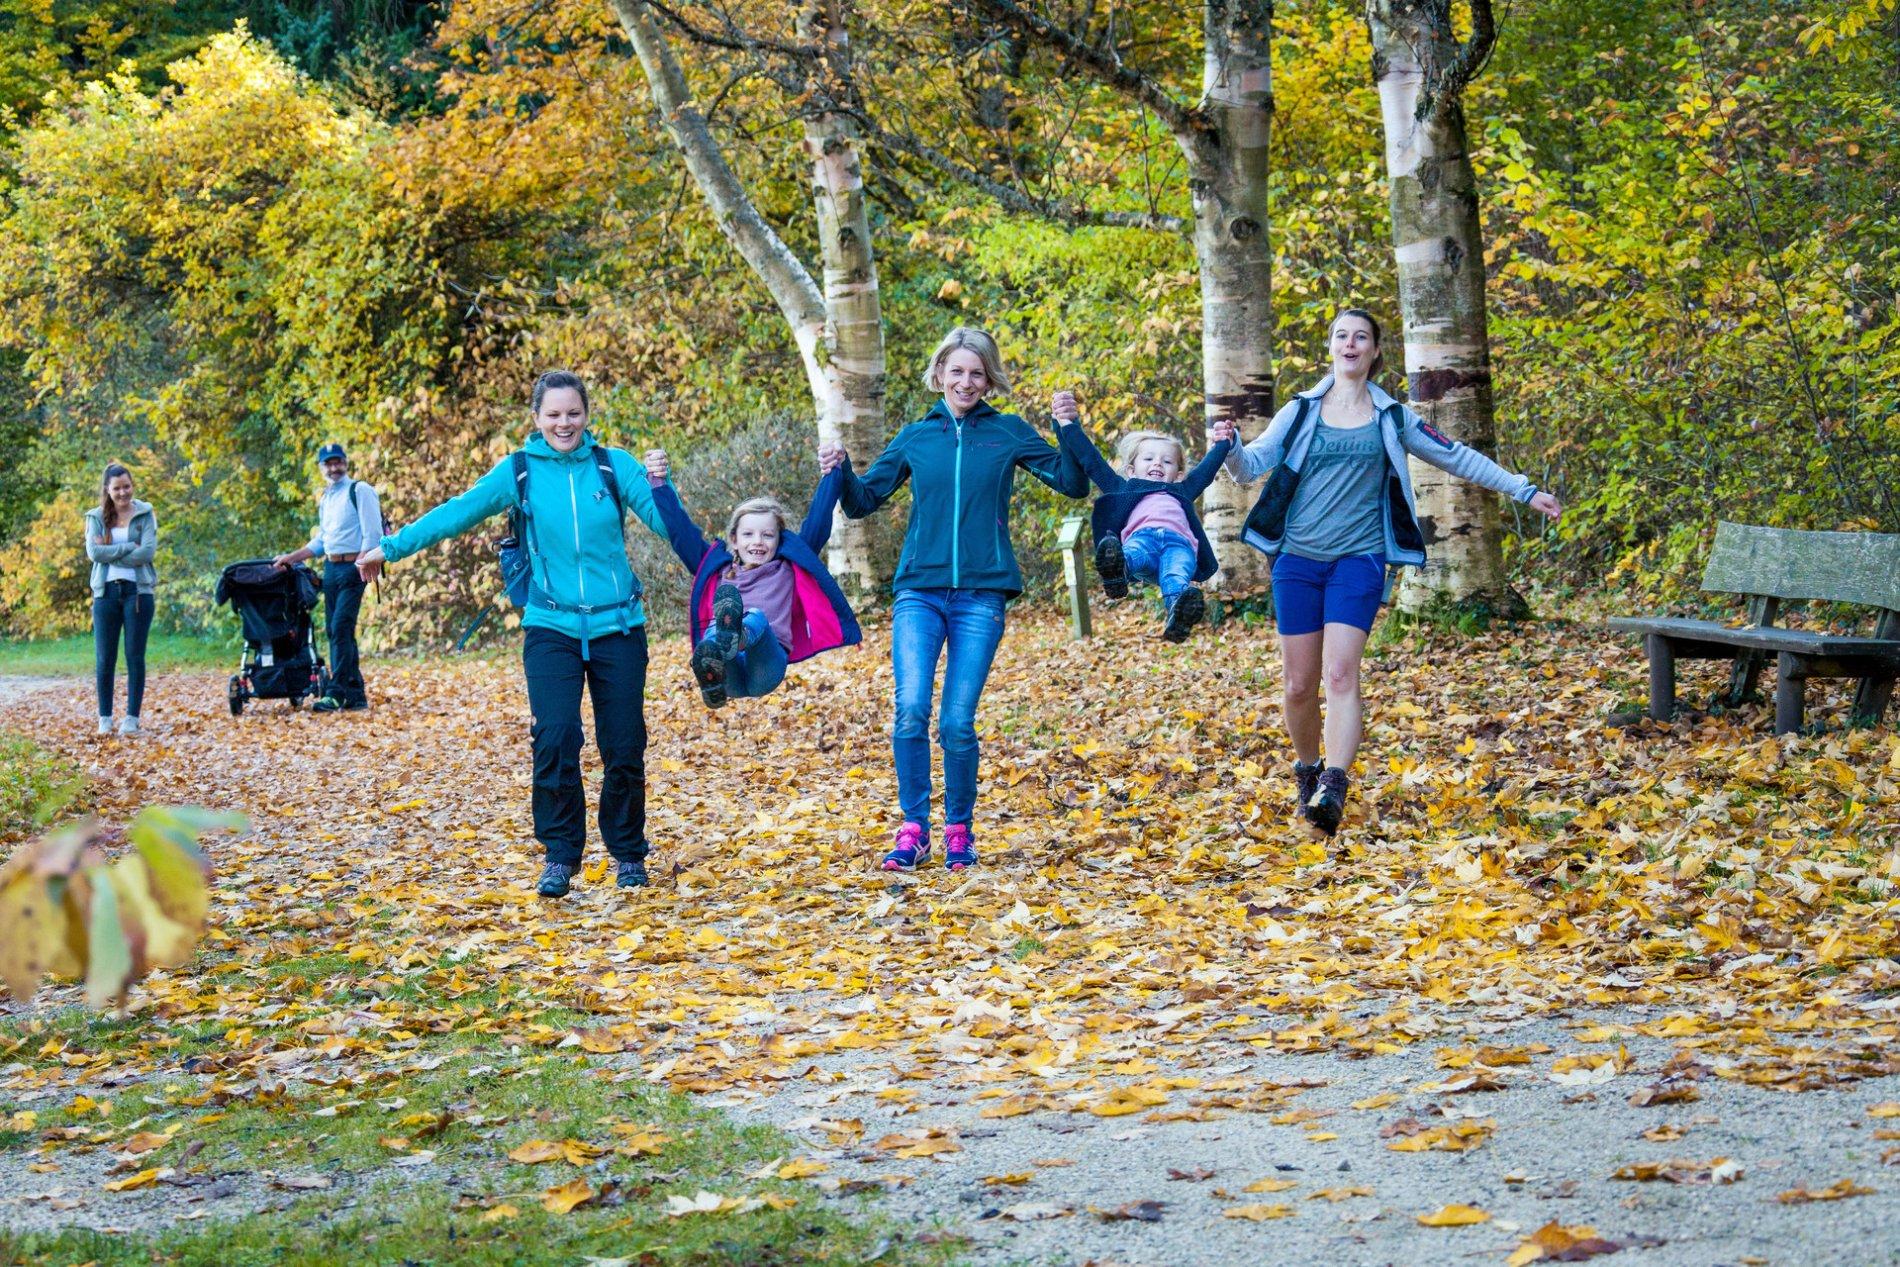 Drei Erwachsene haben zwei Kinder an beiden Händen und schleudern sie lachend nach vorne in die Luft. Sie sind mit im Wald, der herbstlich bunt gefärbt ist. Im Hintergrund schauen ihnen zwei weitere Erwachsene zu.